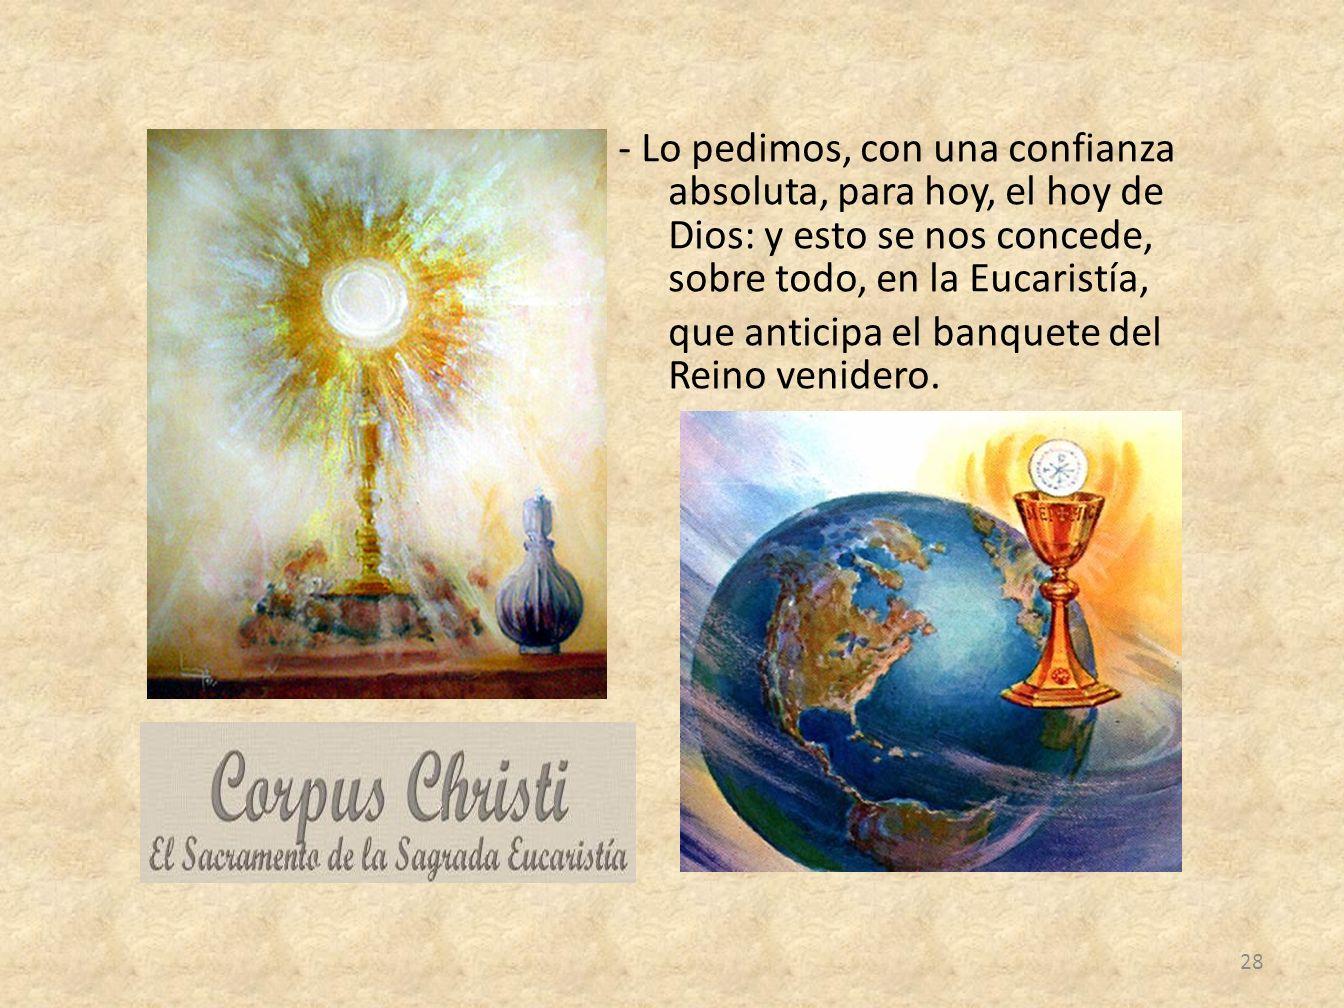 - Lo pedimos, con una confianza absoluta, para hoy, el hoy de Dios: y esto se nos concede, sobre todo, en la Eucaristía, que anticipa el banquete del